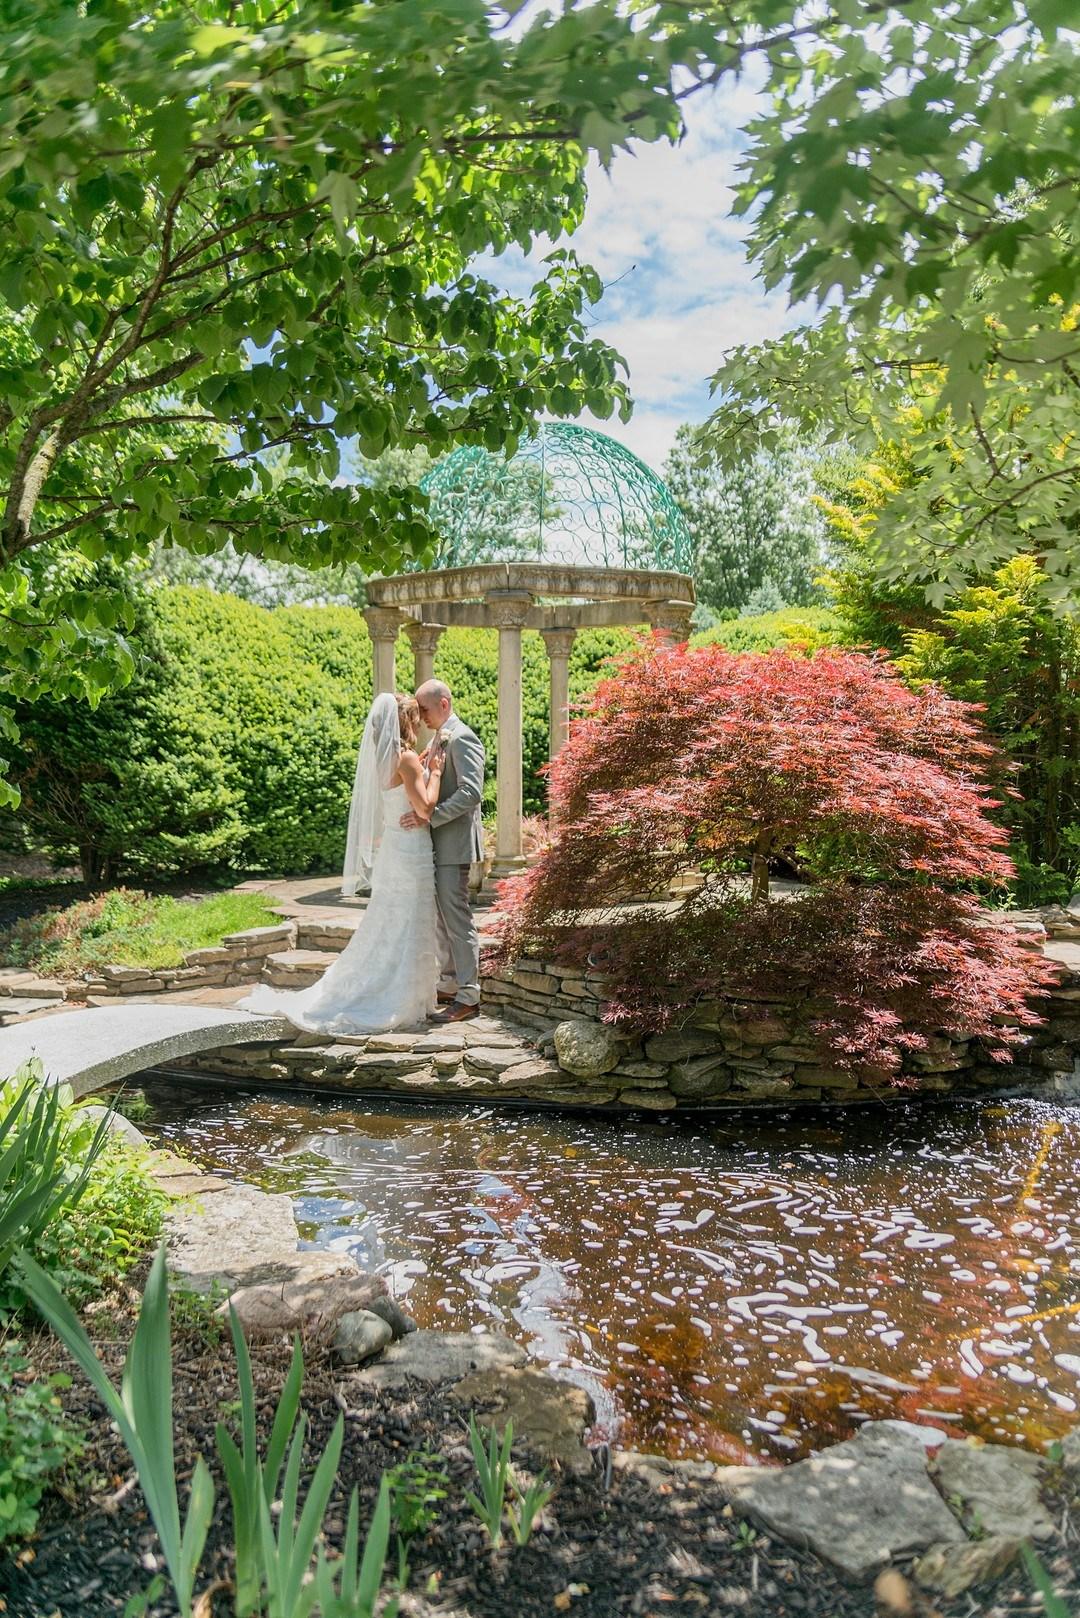 MANOR HOUSE CINCINNATI WEDDINGS - CINCINNATI WEDDING PLANNER - ROMANTIC STYLED SHOOT - PINK AND WHITE WEDDING - MANOR HOUSE BANQUET CENTER OHIO - MANOR HOUSE BRIDE